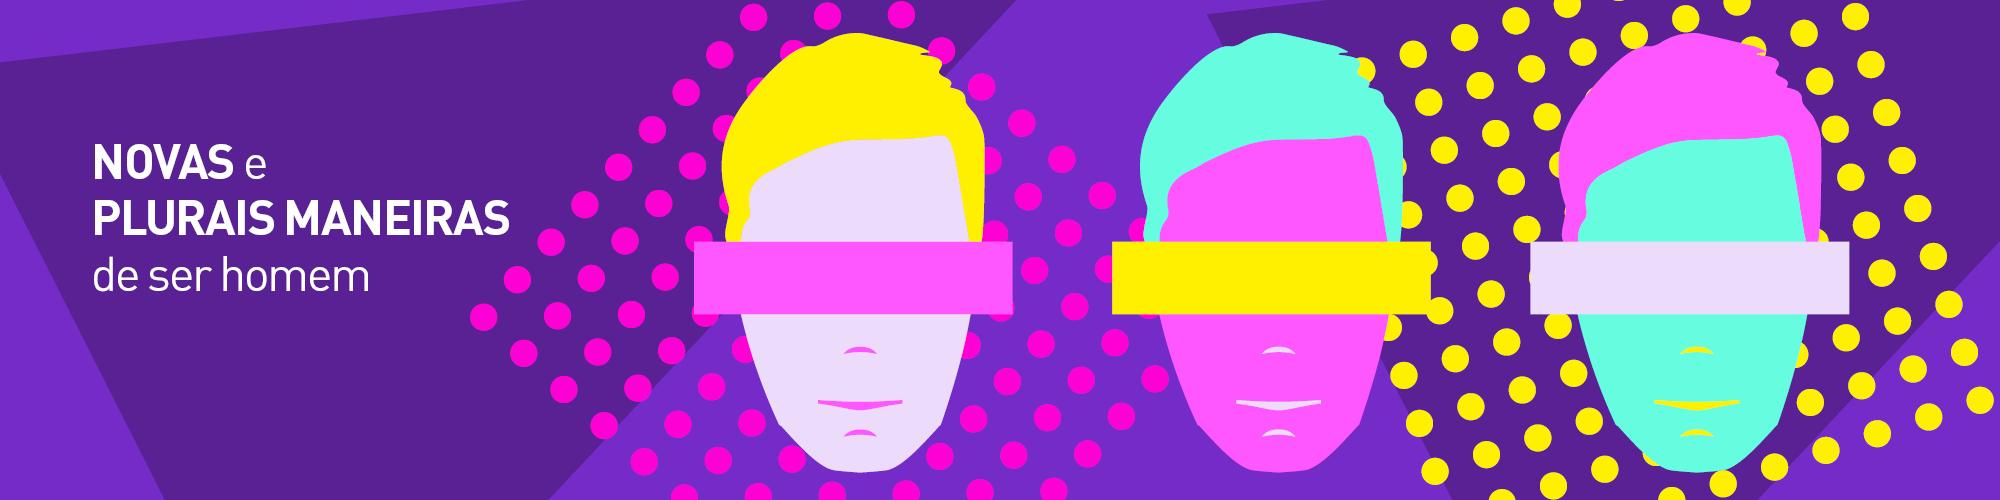 Adeus, 'macho man': encontro debate crise da masculinidade no mundo contemporâneo